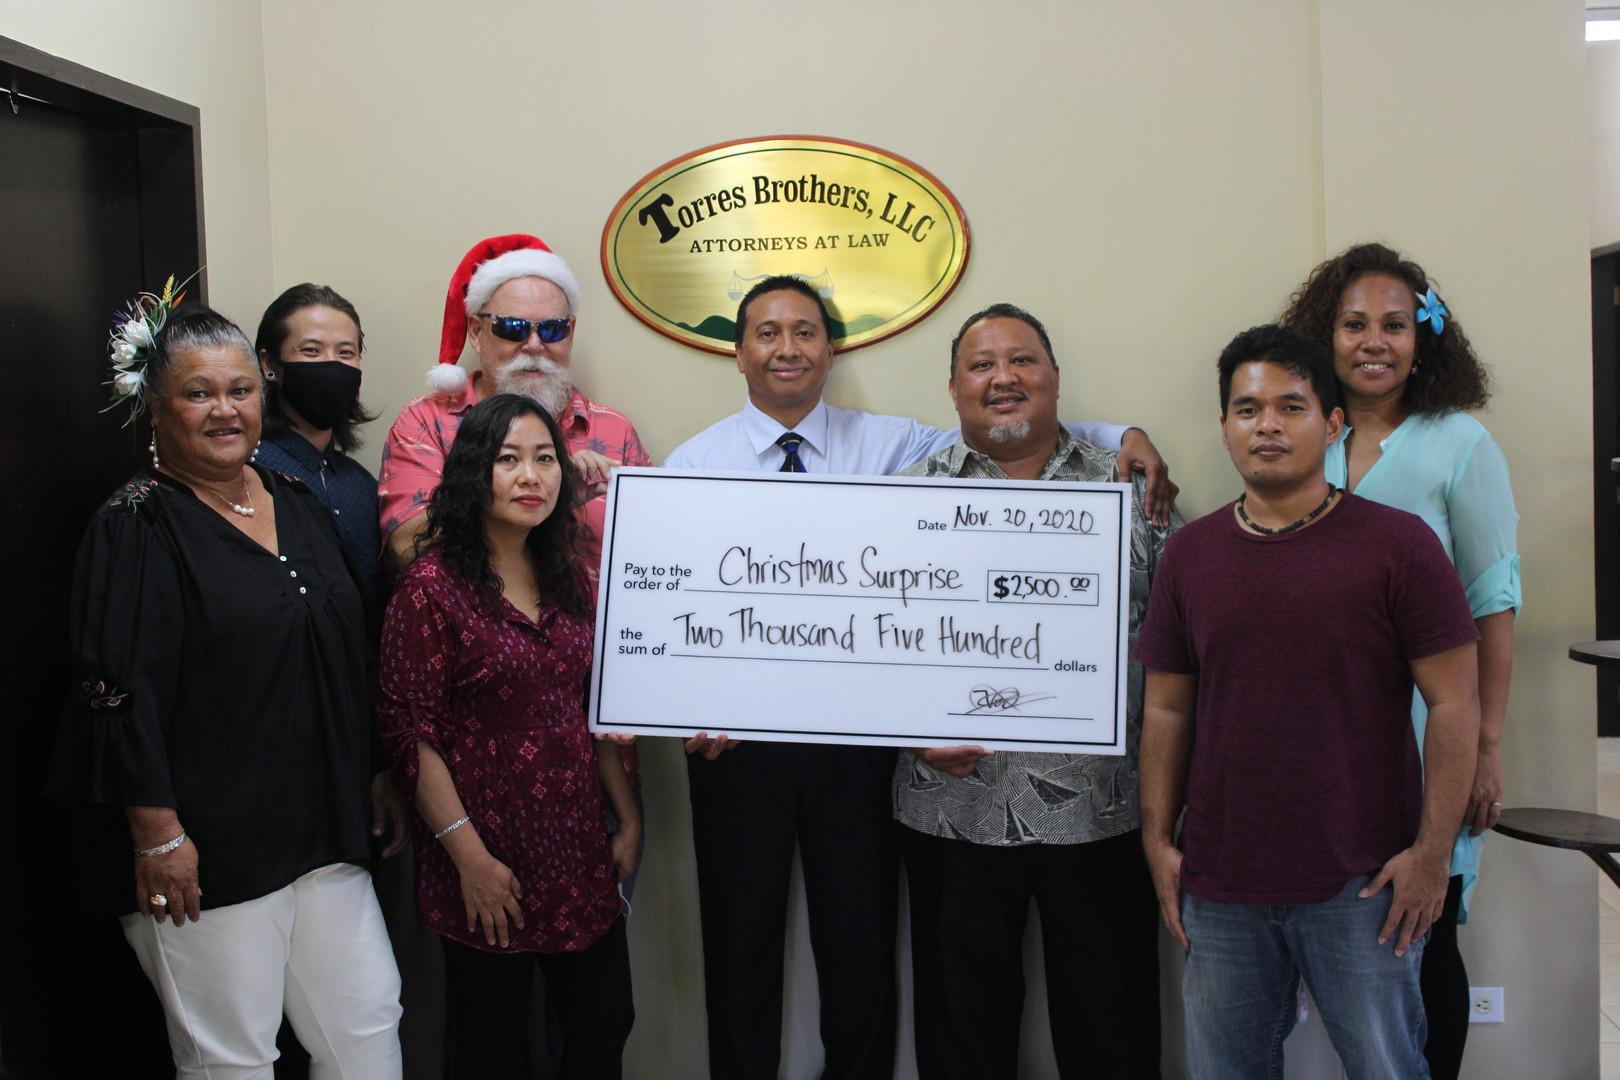 GOLD Sponsor Torres Brothers LLC